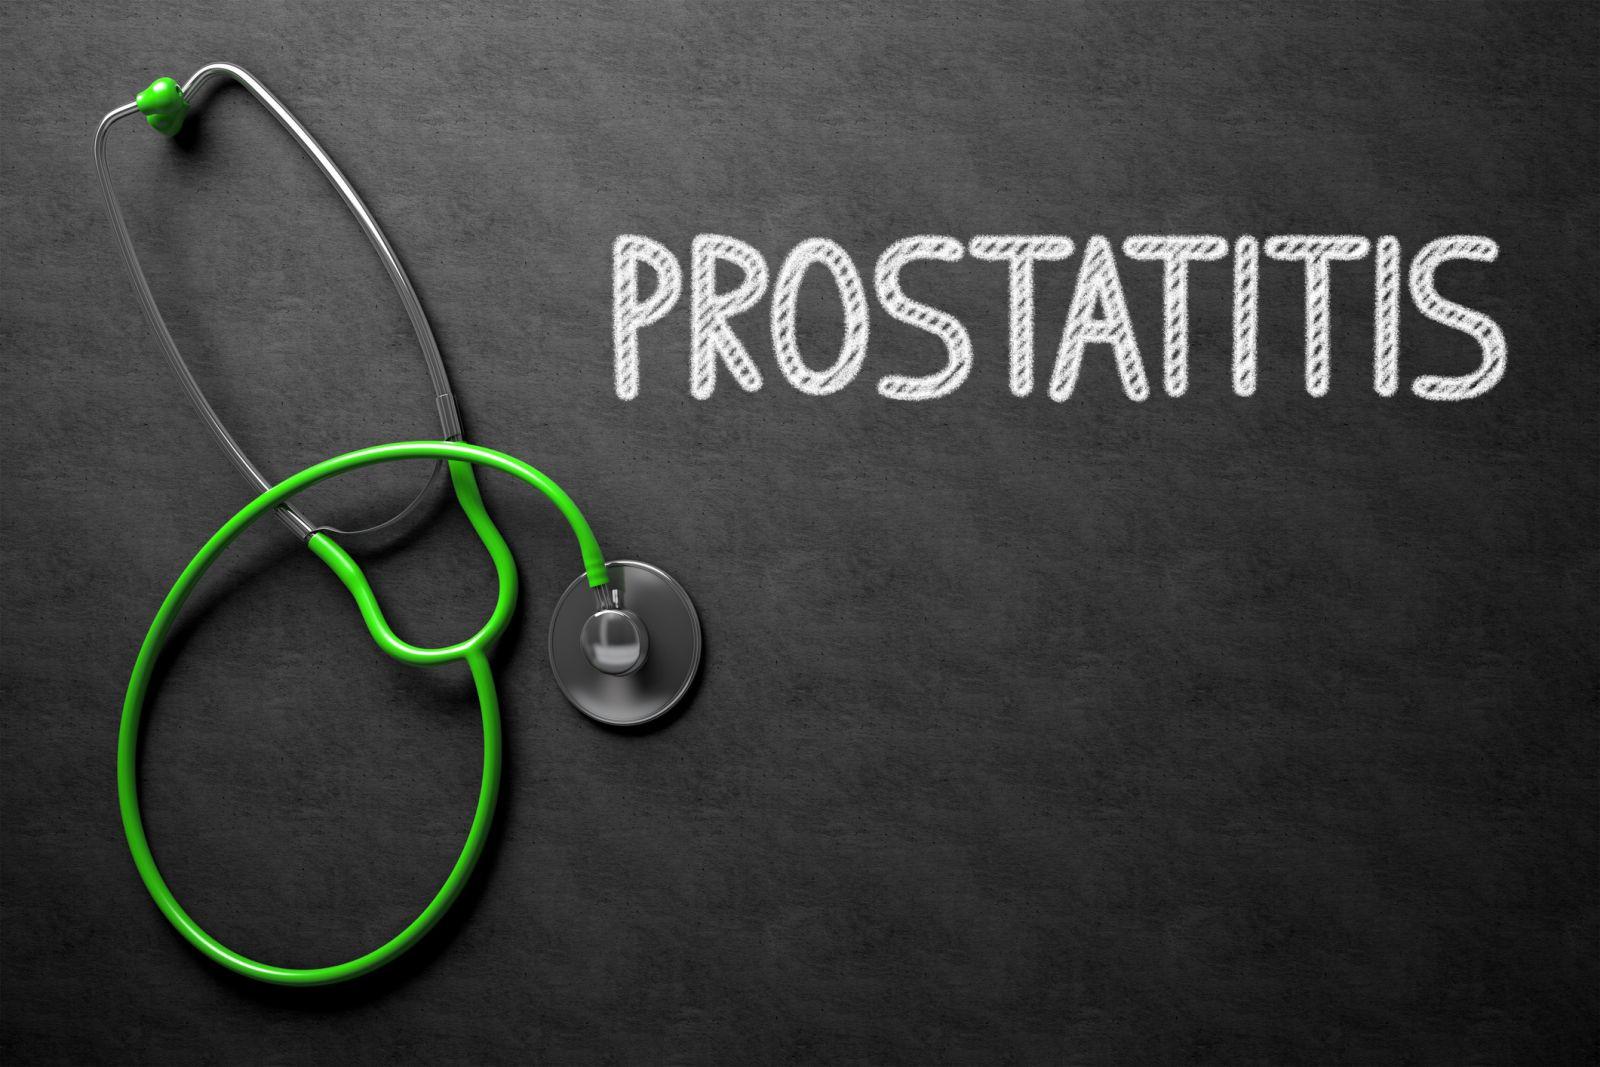 Chronicles prostatitis)